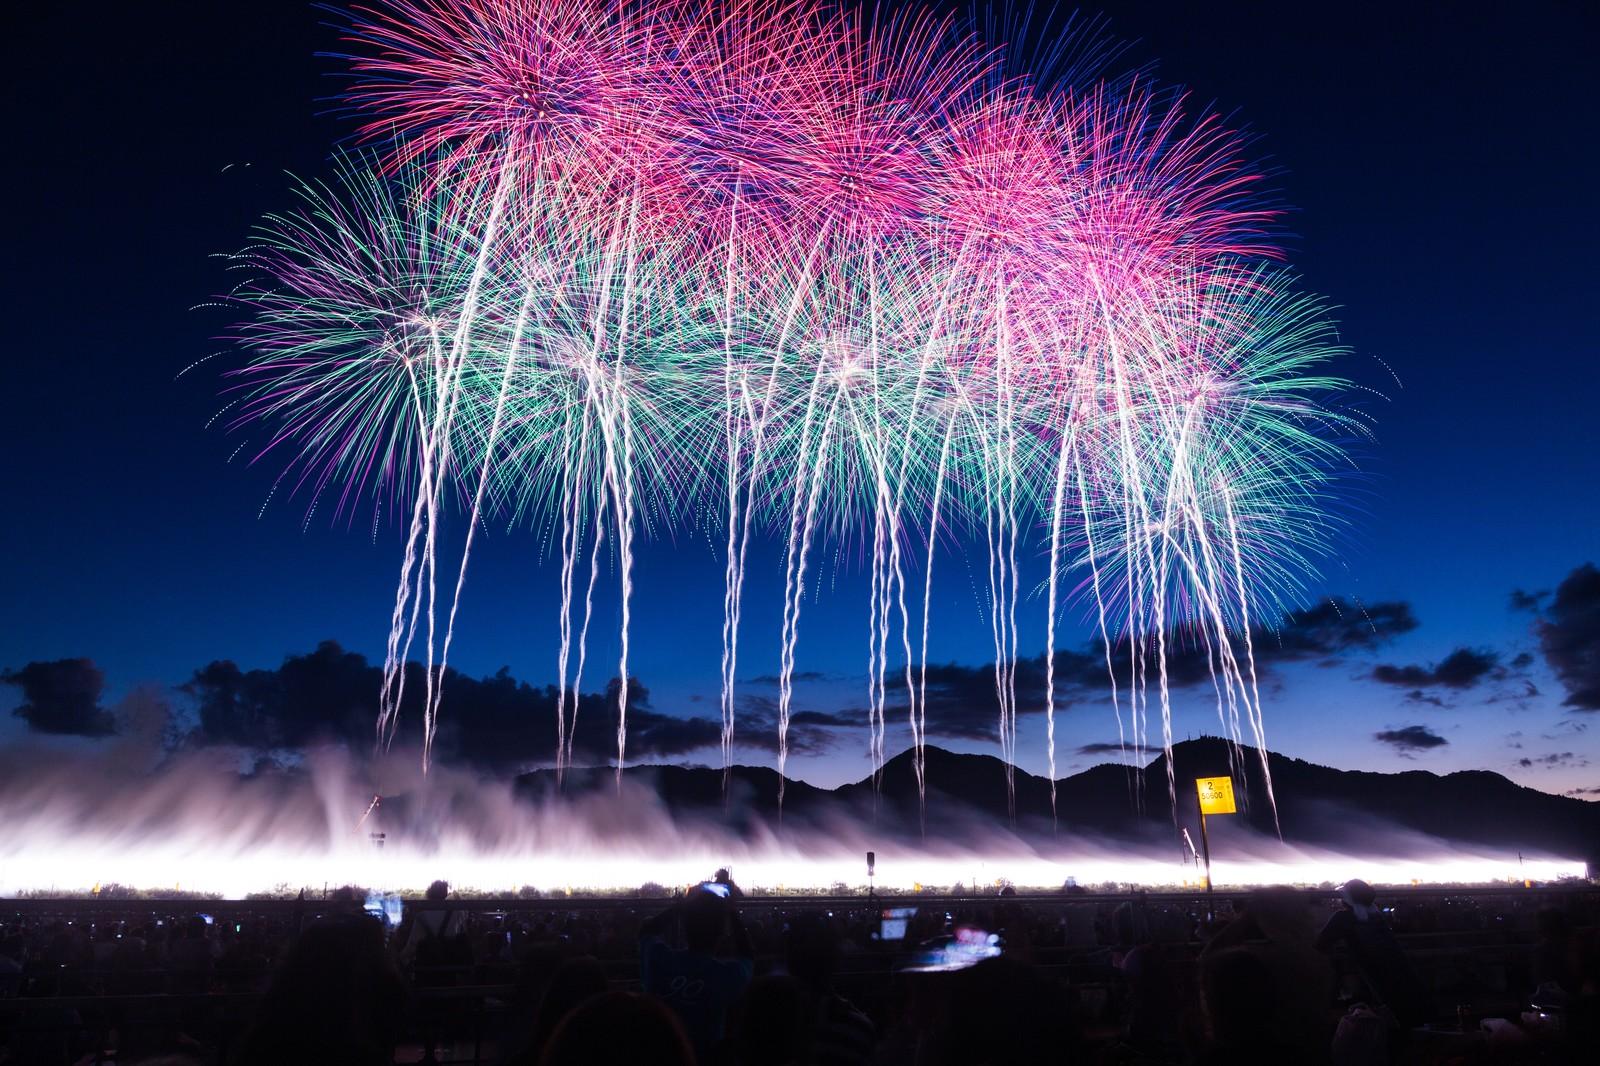 【まだ間に合う!】9月以降でも楽しめる花火大会!~東海編~【夏は終わらない】